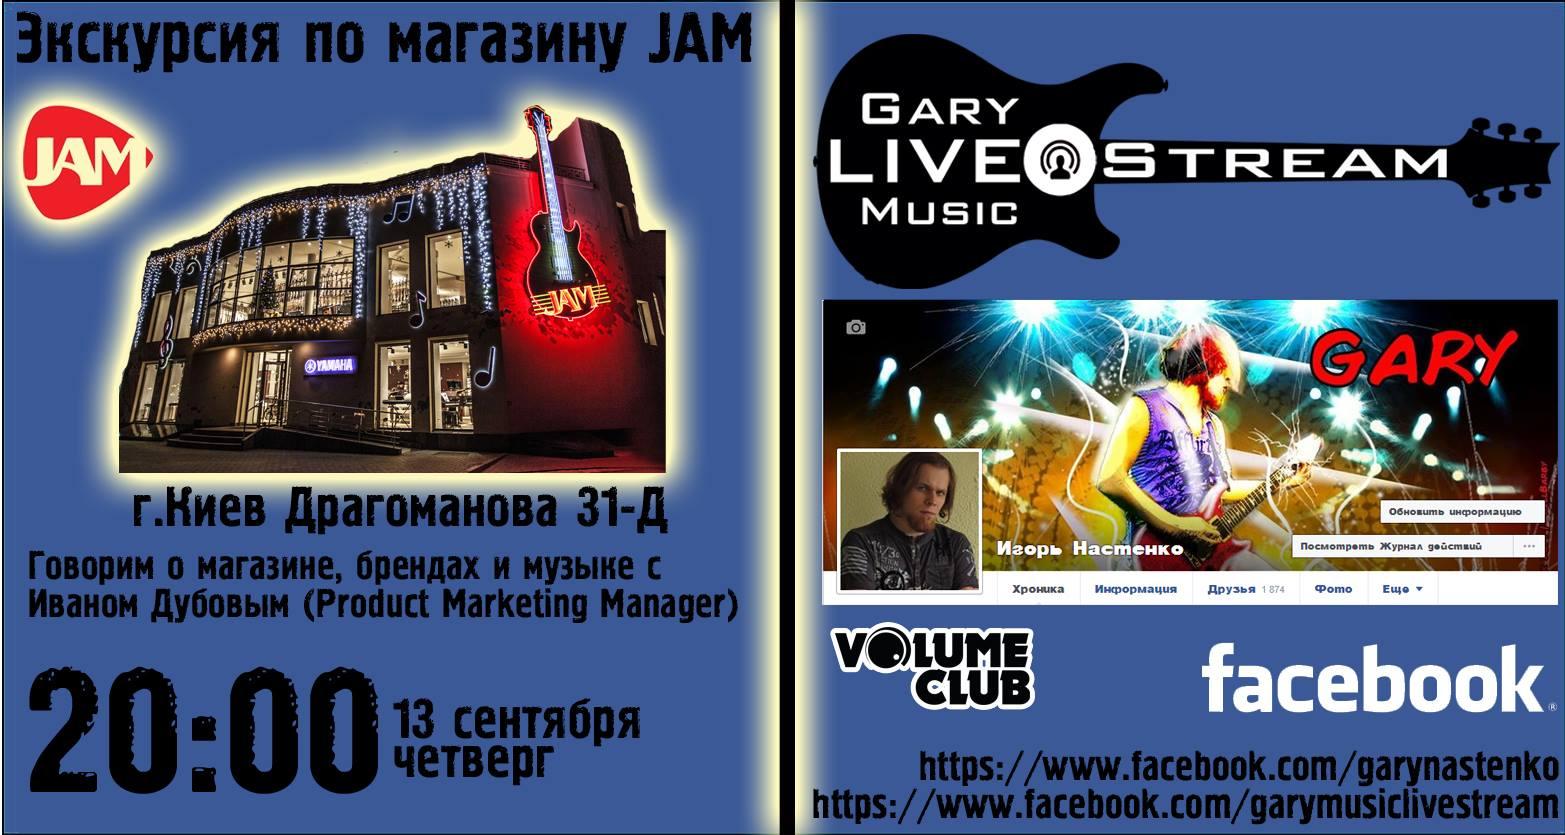 13 сентября 2018 20:00 live stream из магазина JAM музыкальные инструменты Драгоманова 31-д